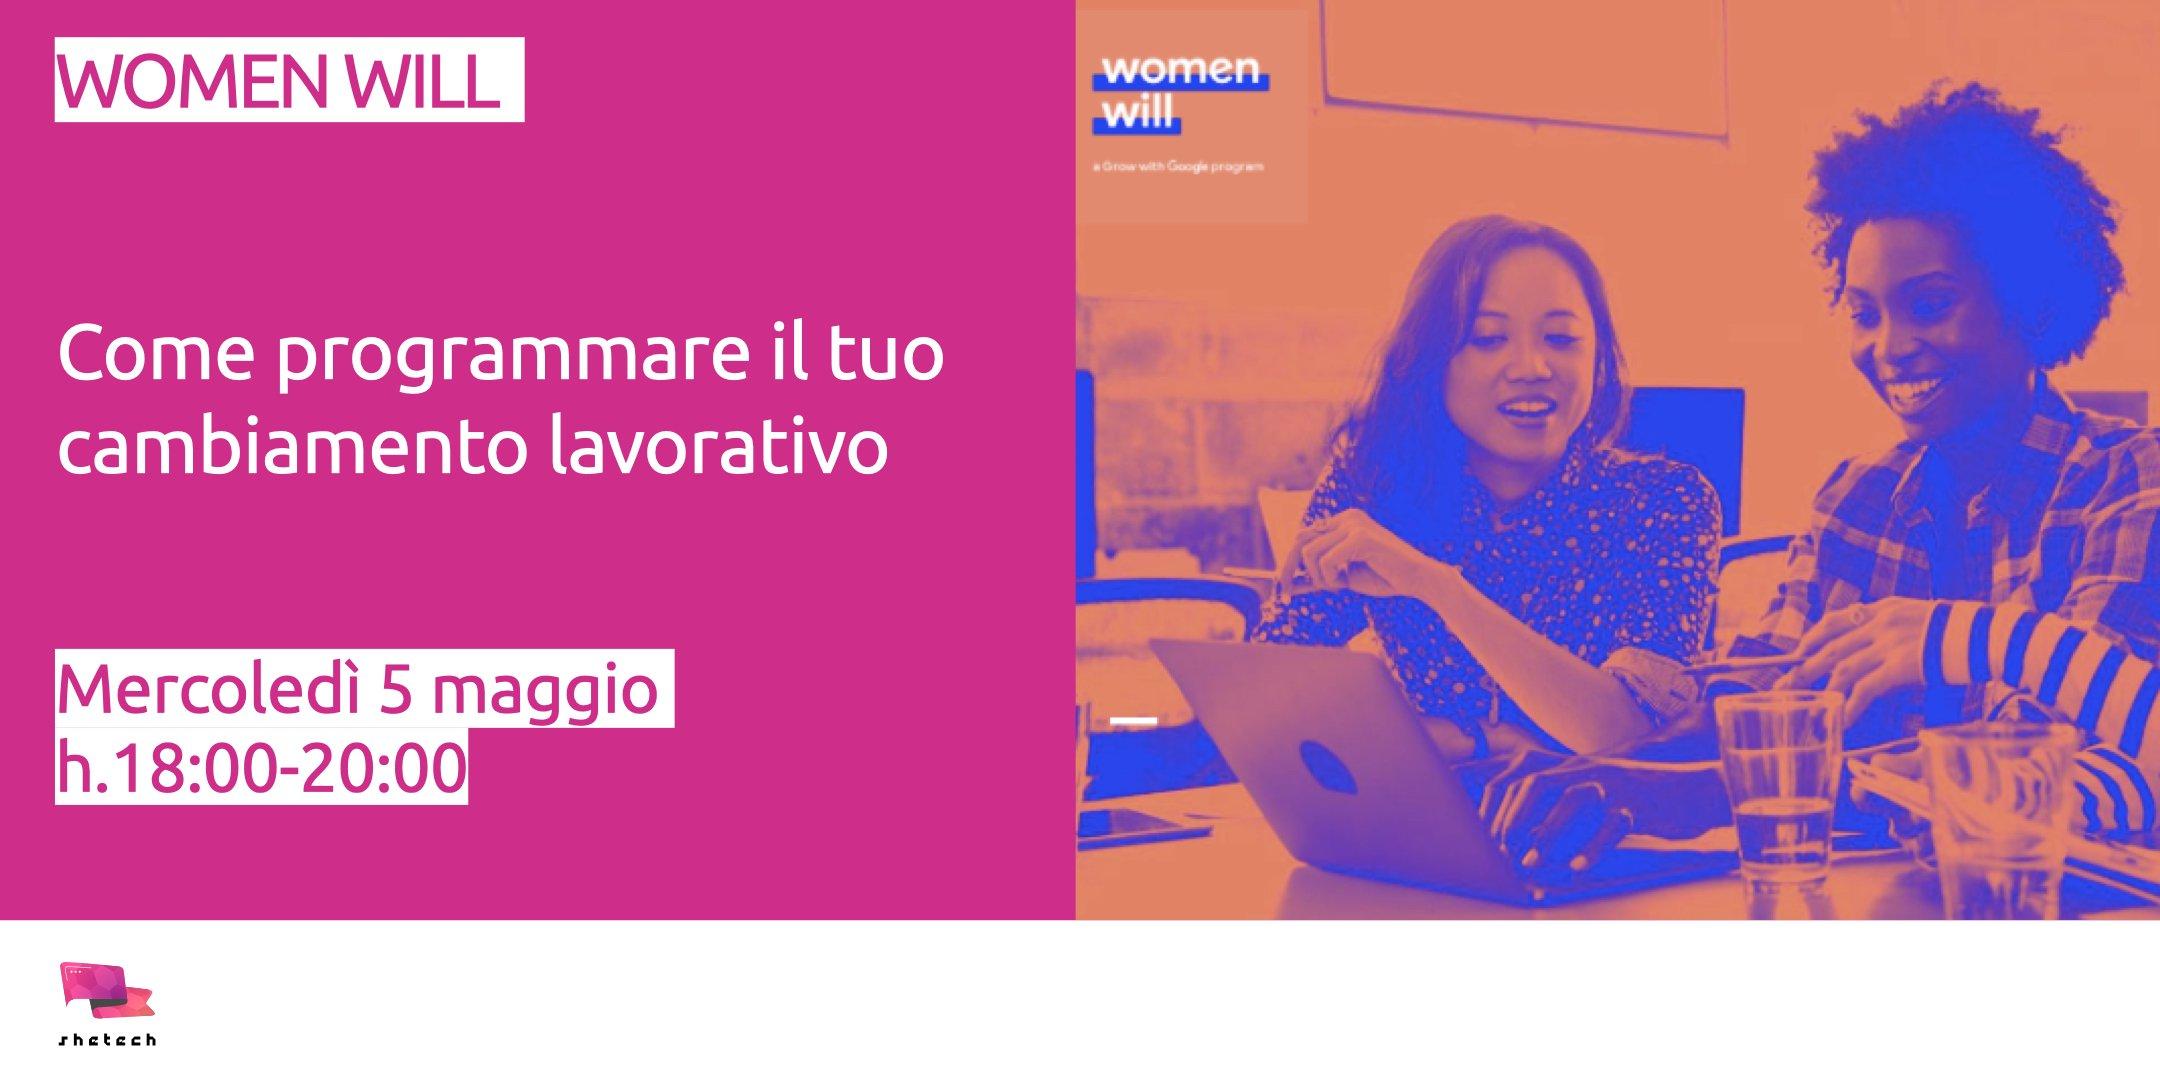 Women Will - come programmare il tuo cambiamento lavorativo